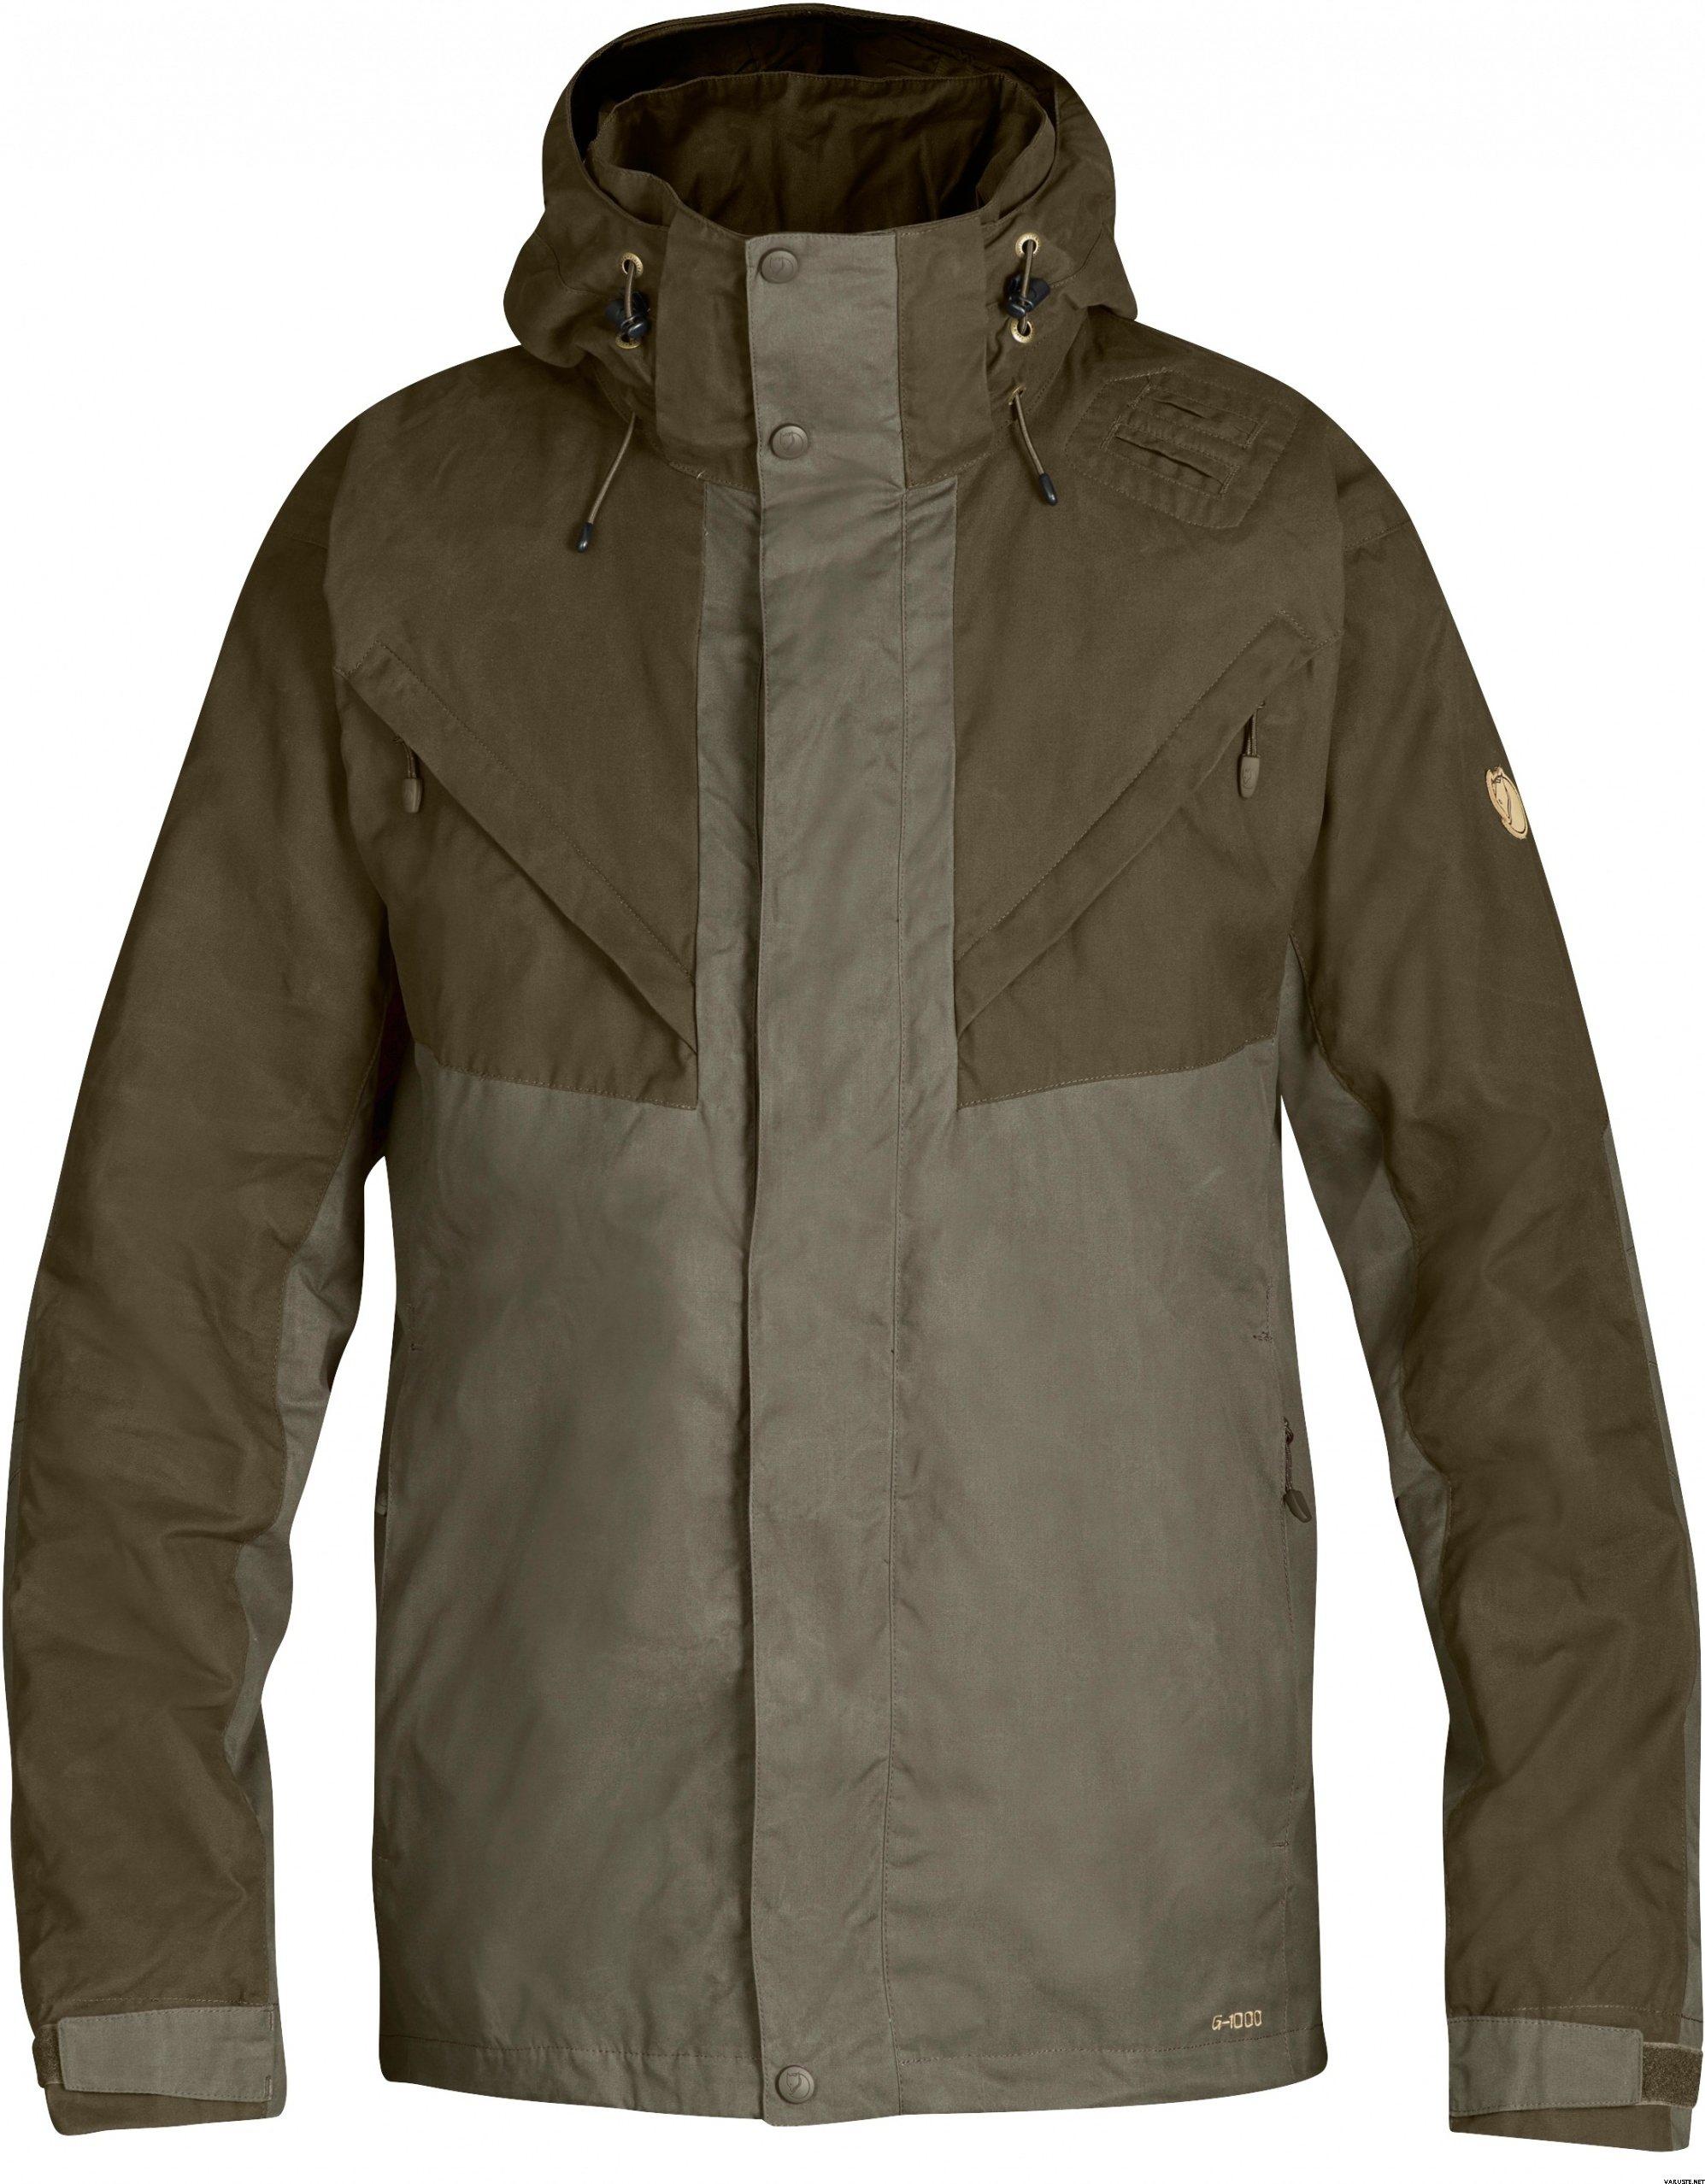 timeless design 56b19 2cbd6 Fjällräven Drev Hunting Jacket